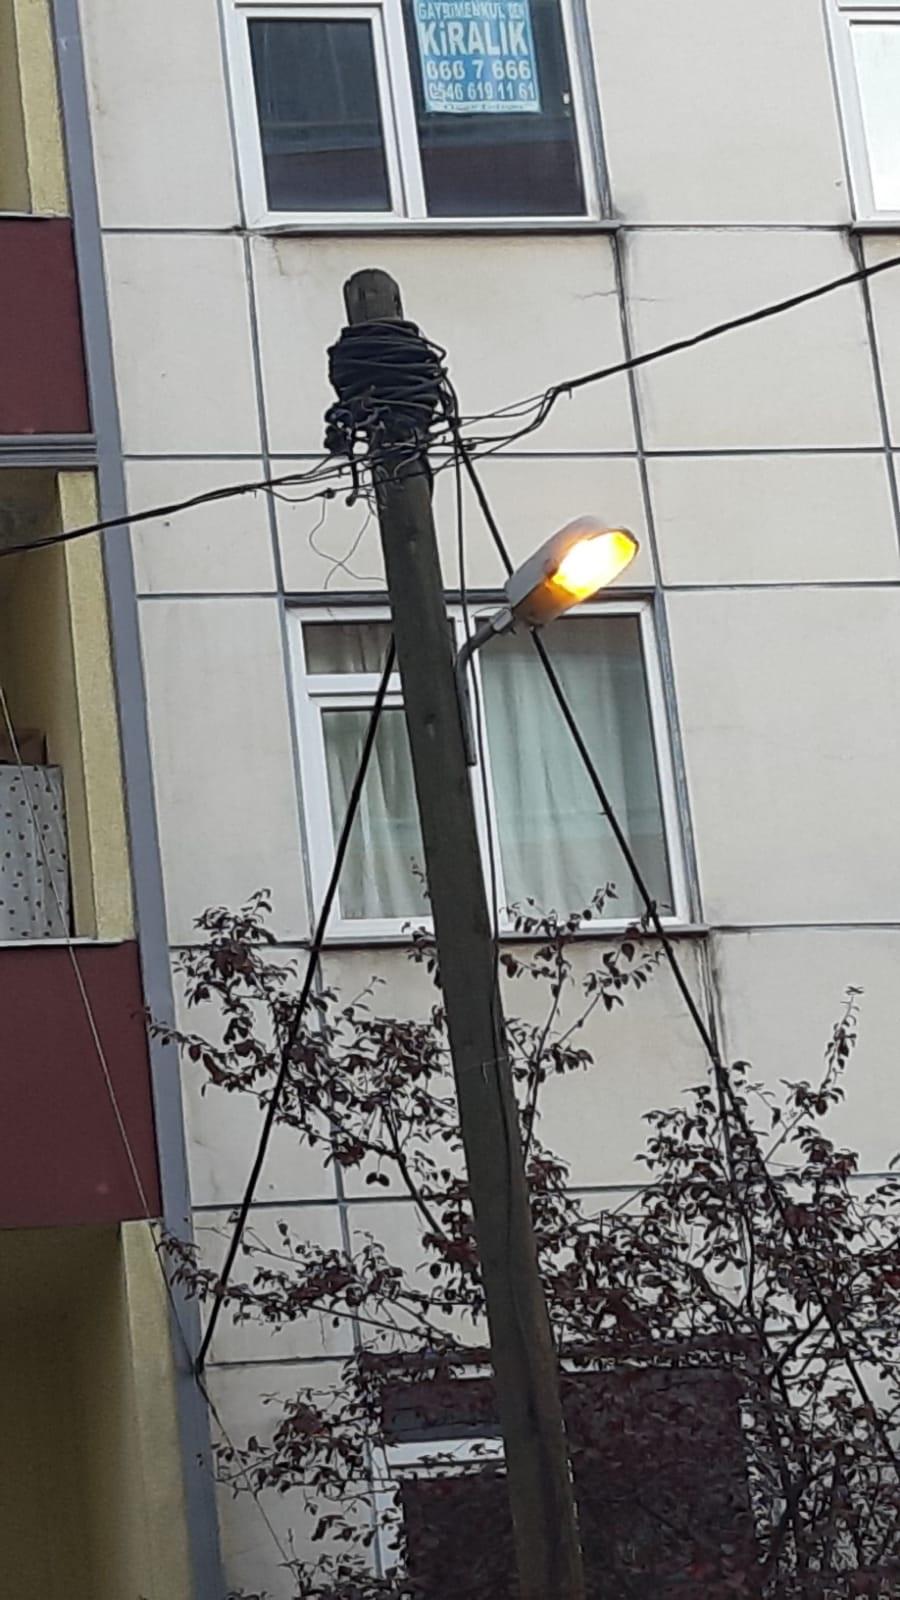 Trabzon'da gündüz yanan sokak lambası dikkat çekti